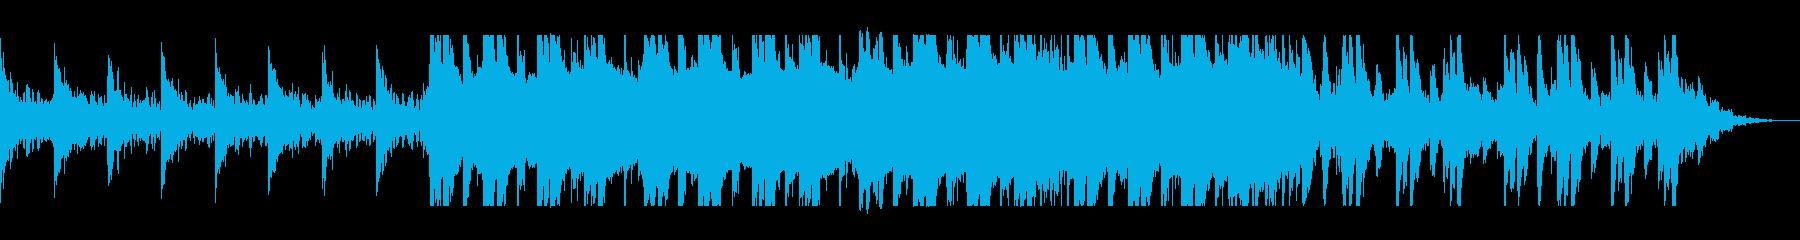 神秘的でゆったりしたピアノシンセサウンドの再生済みの波形